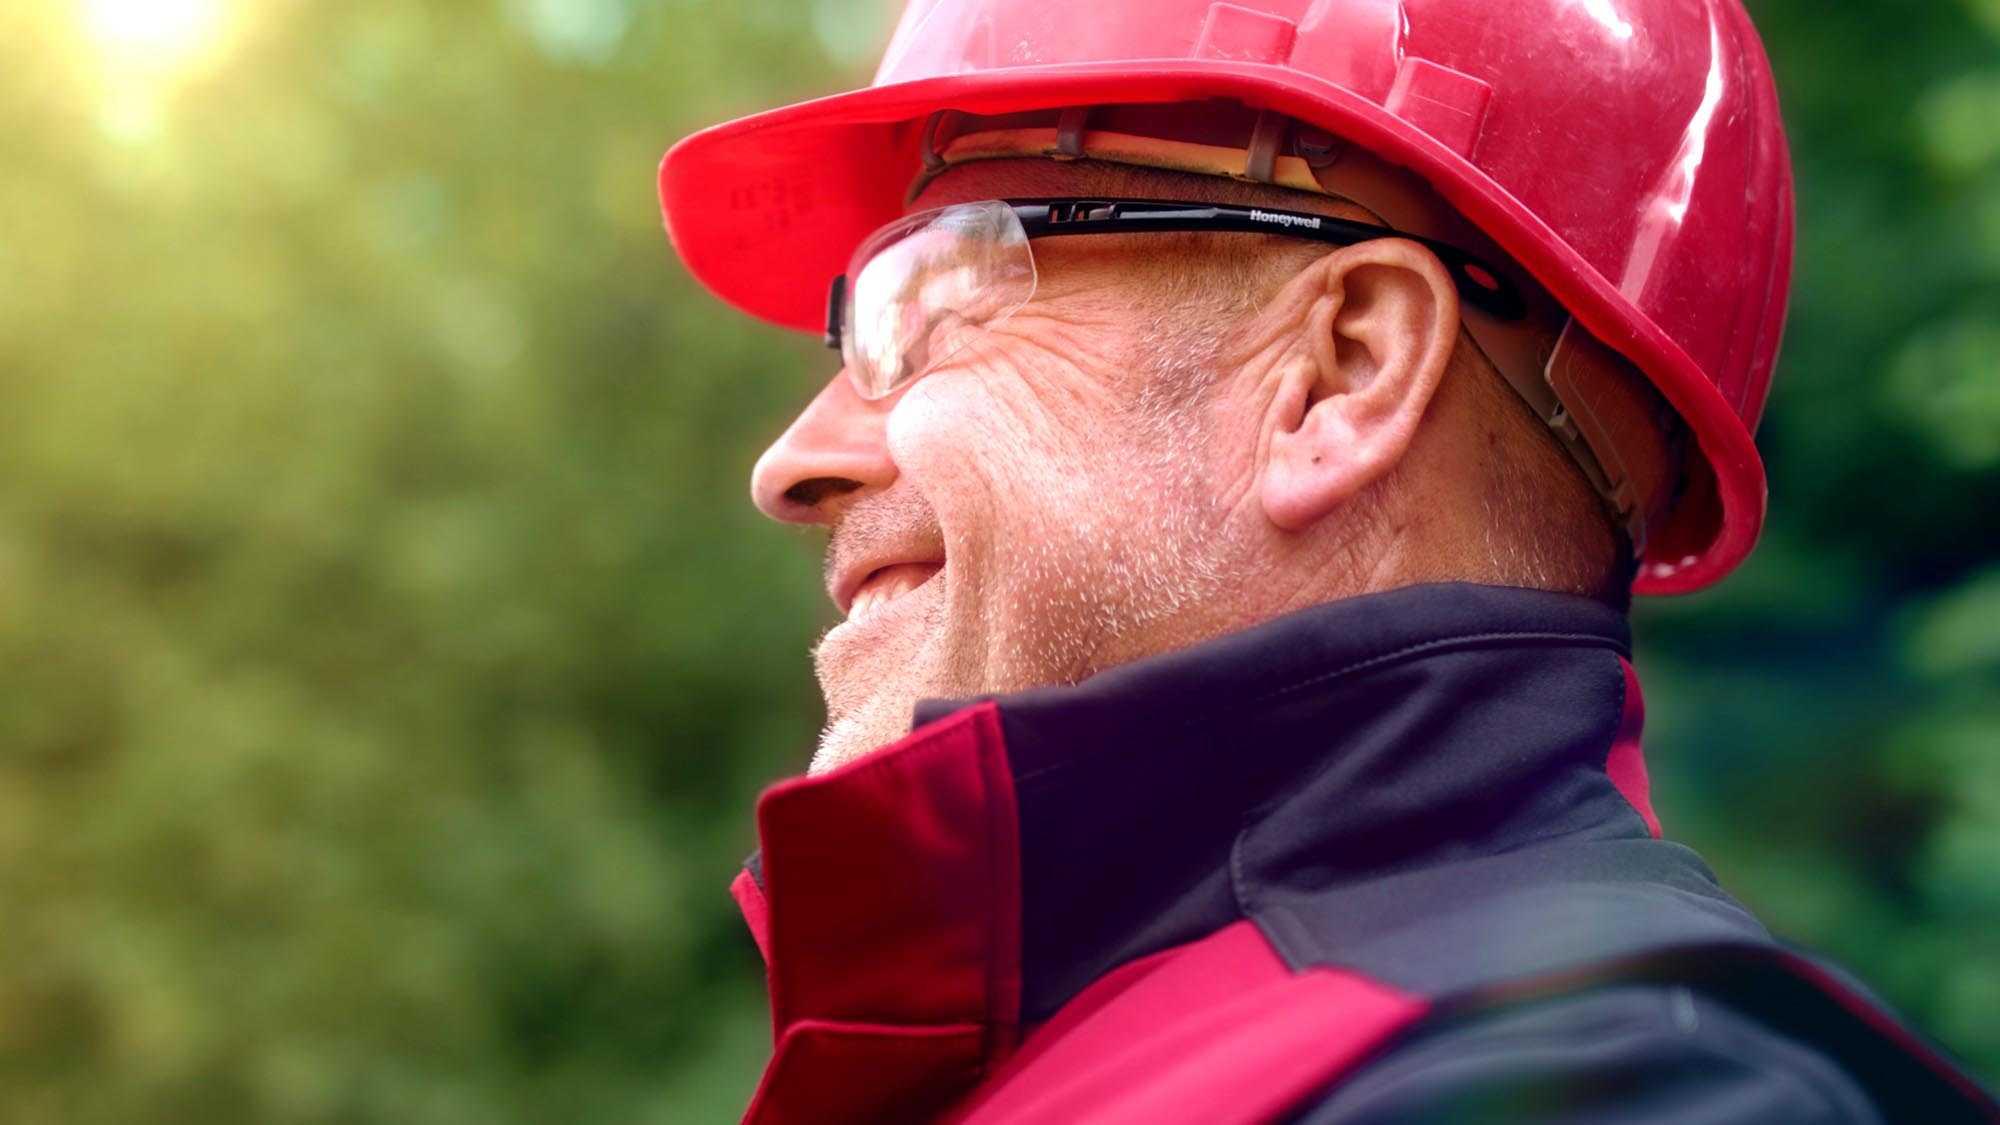 Das Bild zeigt einen lachenden Mann der vor einer Hecke steht. Die Hecke ist etwas verschwommen. Der Mann trägt einen roten Schutzhelm und eine Schutzbrille. Seine Jacke ist rot. Sein Blick ist nach links, Richtung Himmel gerichtet. Das Bild dient als Making Of Bild für den Portfoliobeitrag Peri Produktfilme von Panda Pictures.